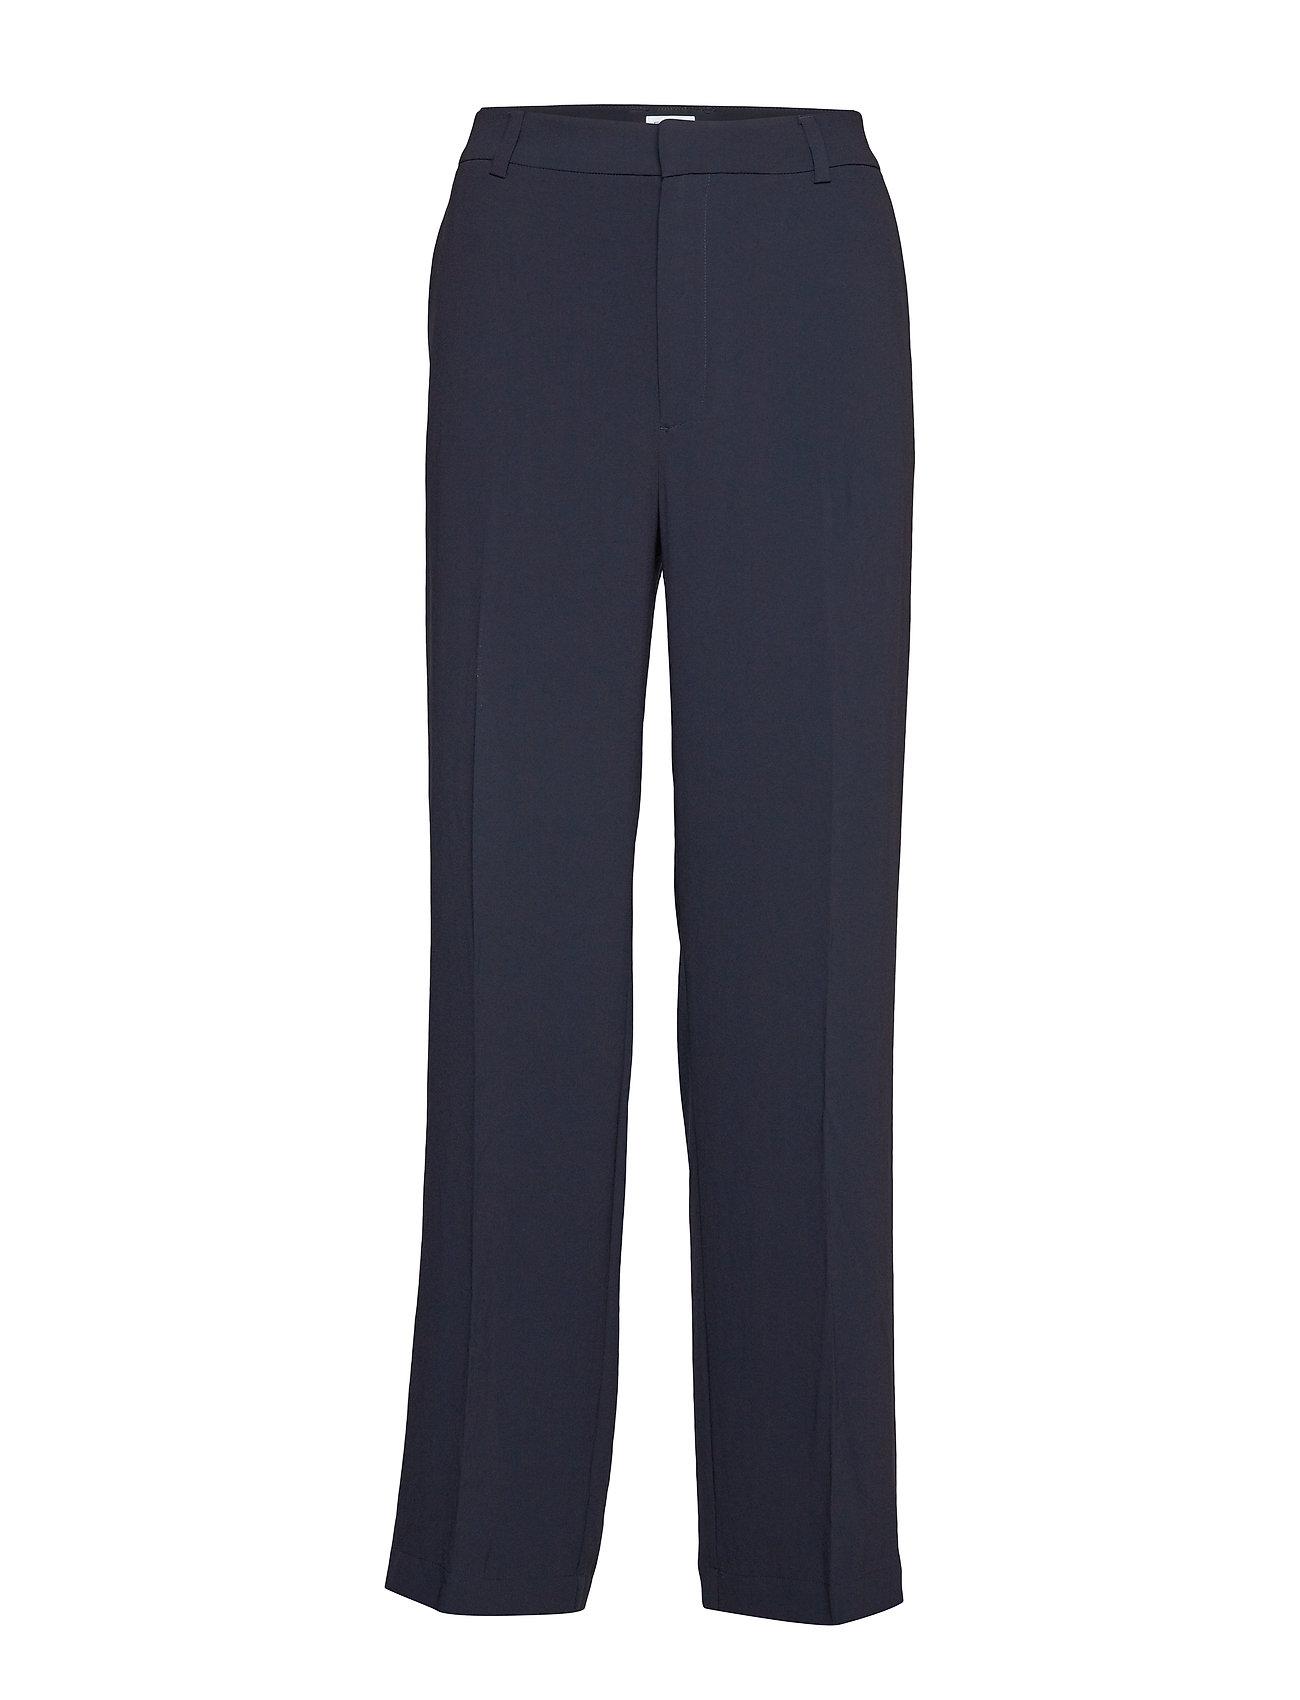 Image of Hutton Crepe Trouser Bukser Med Lige Ben Blå Filippa K (3186825549)